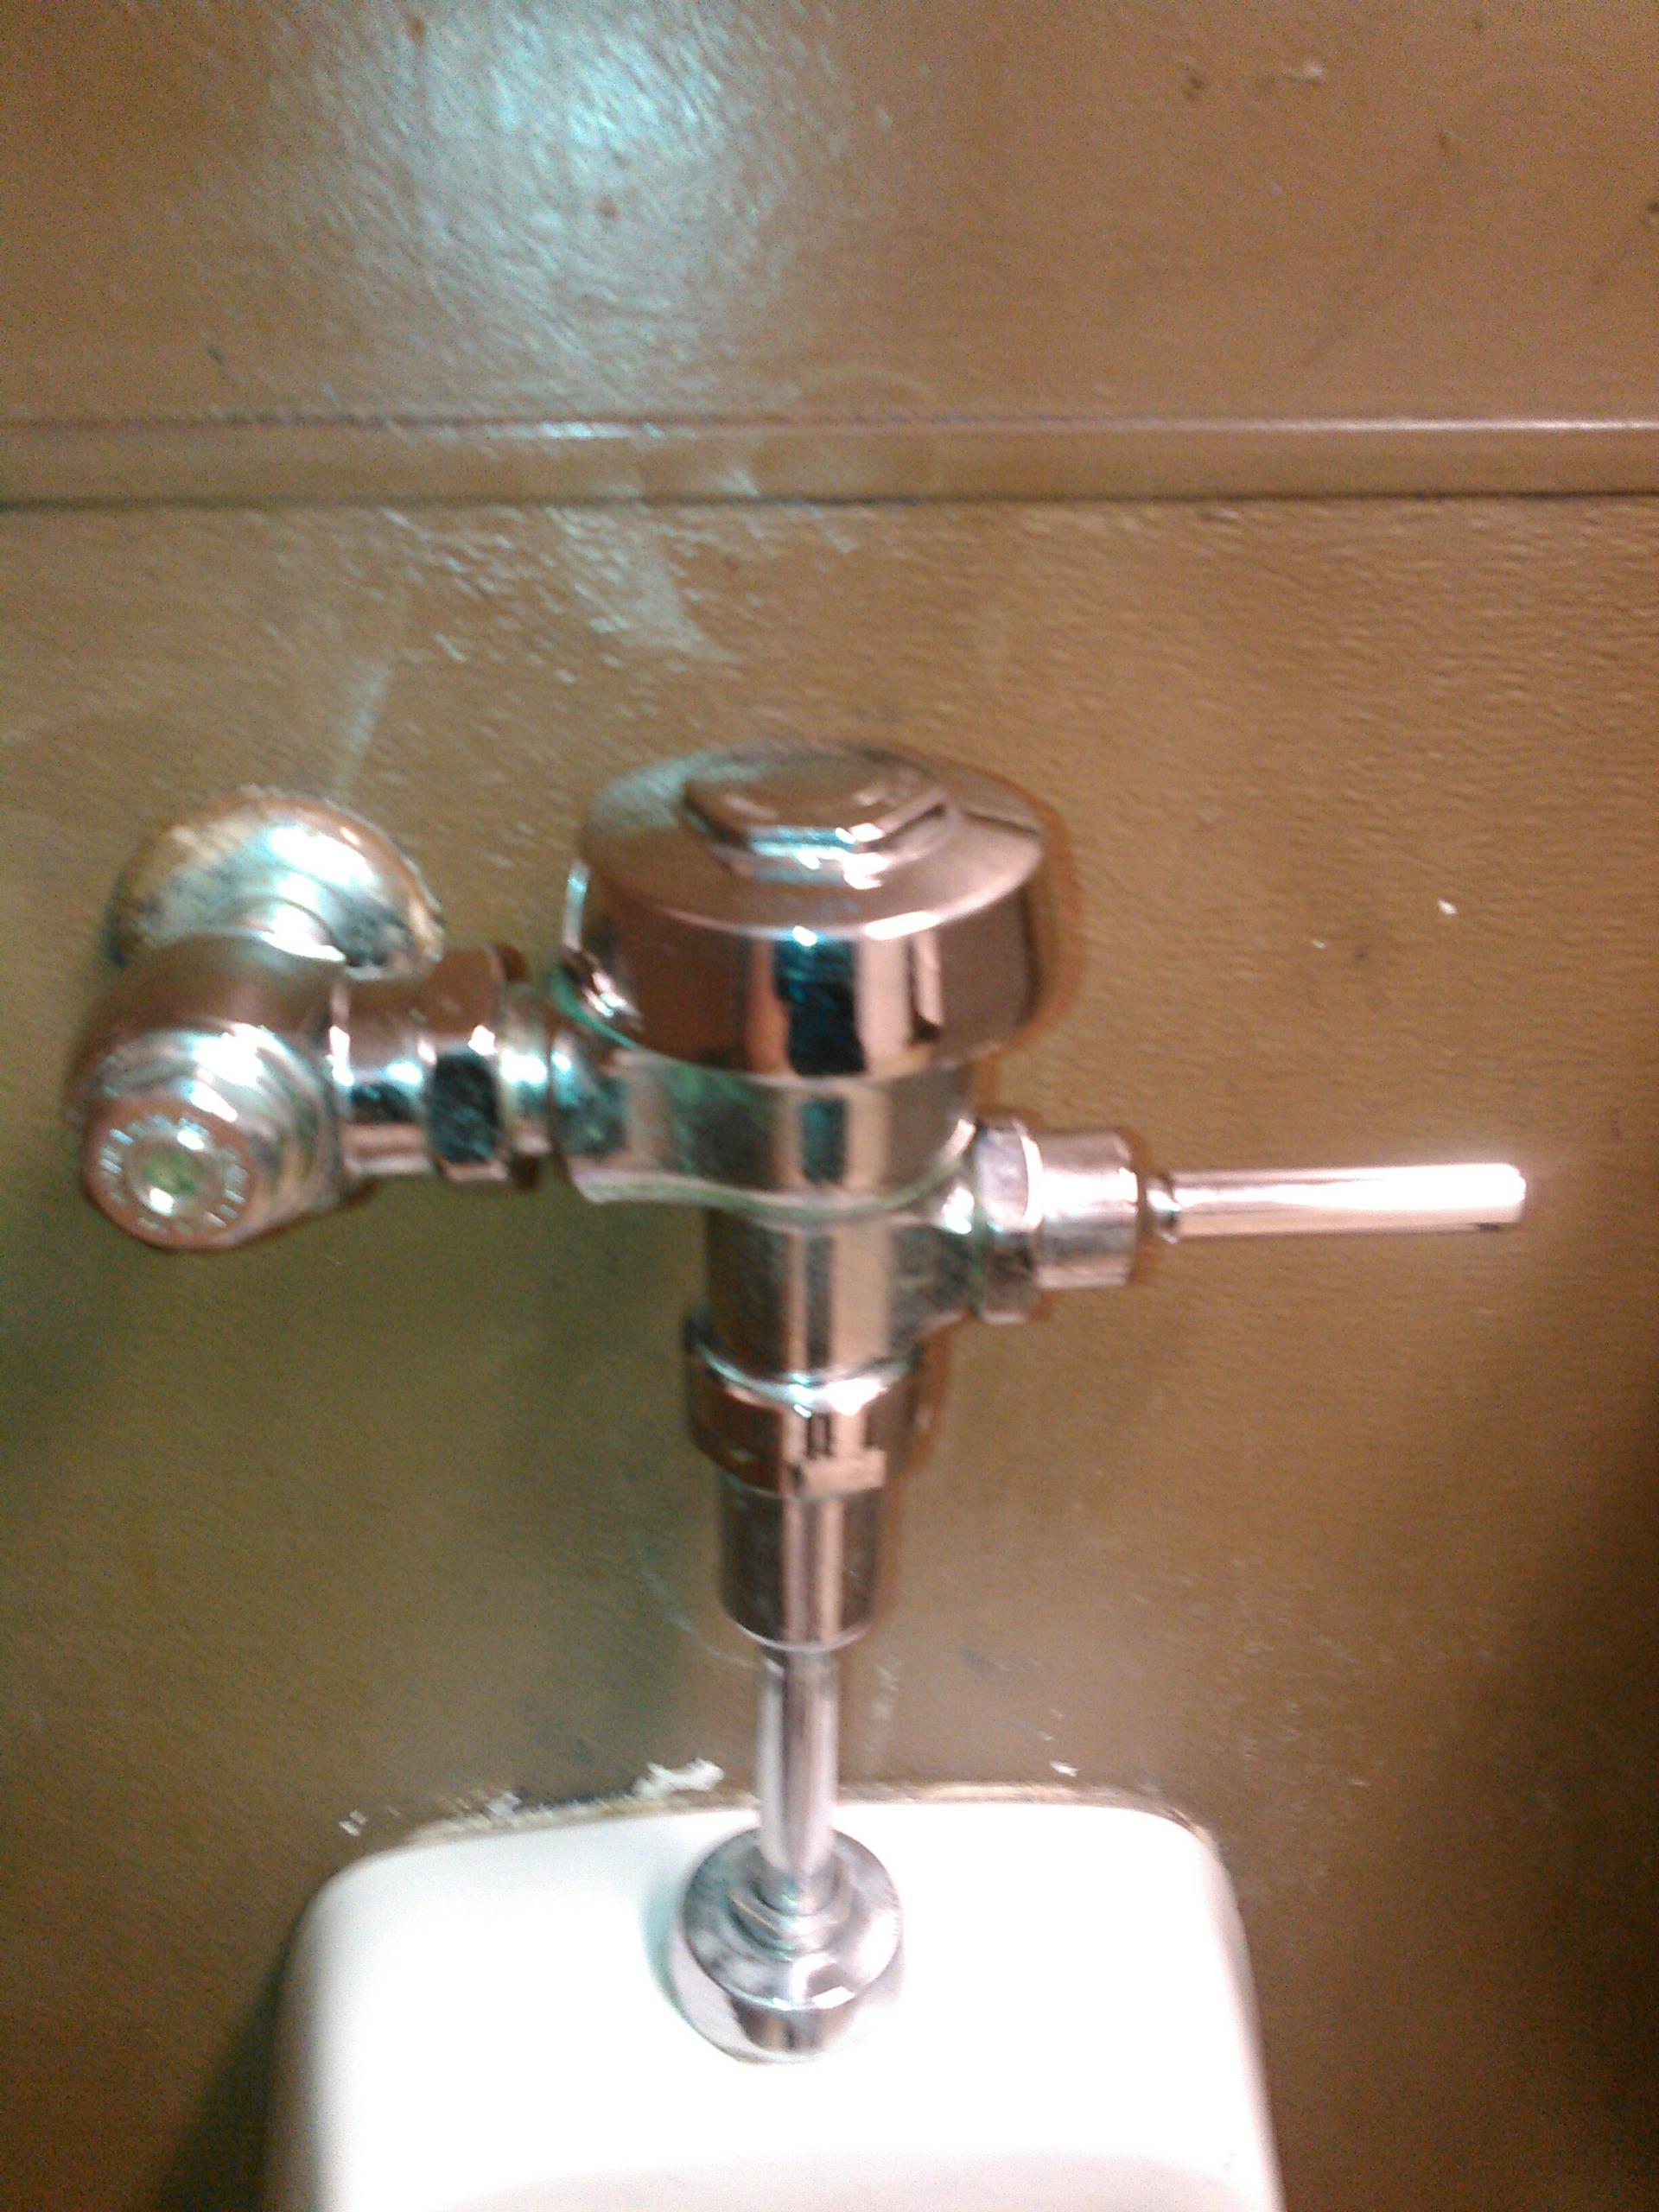 Urinal Sloan Valve Repair